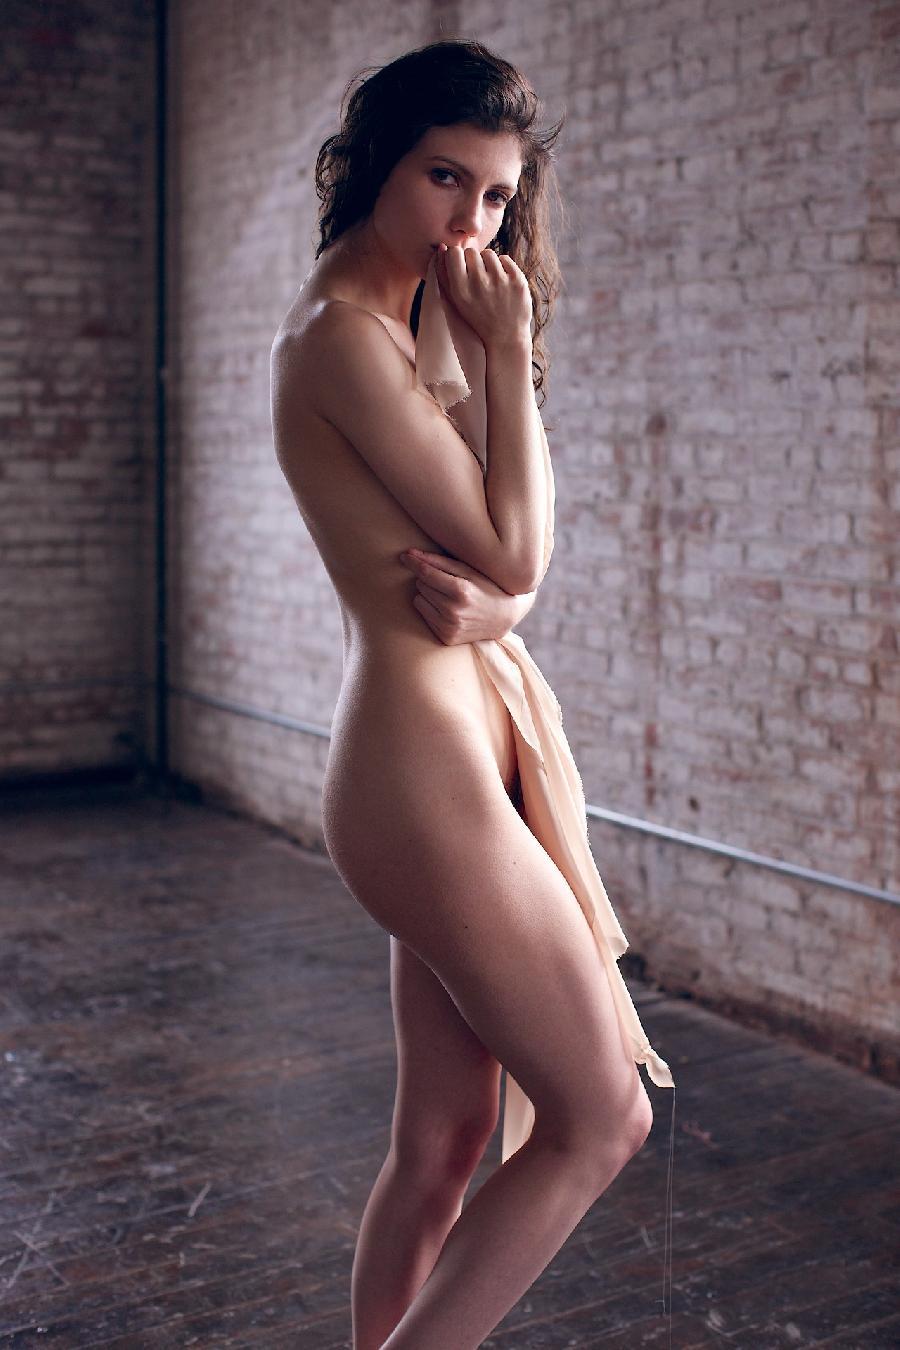 Weekly erotic picdump - 38/2014 - 41